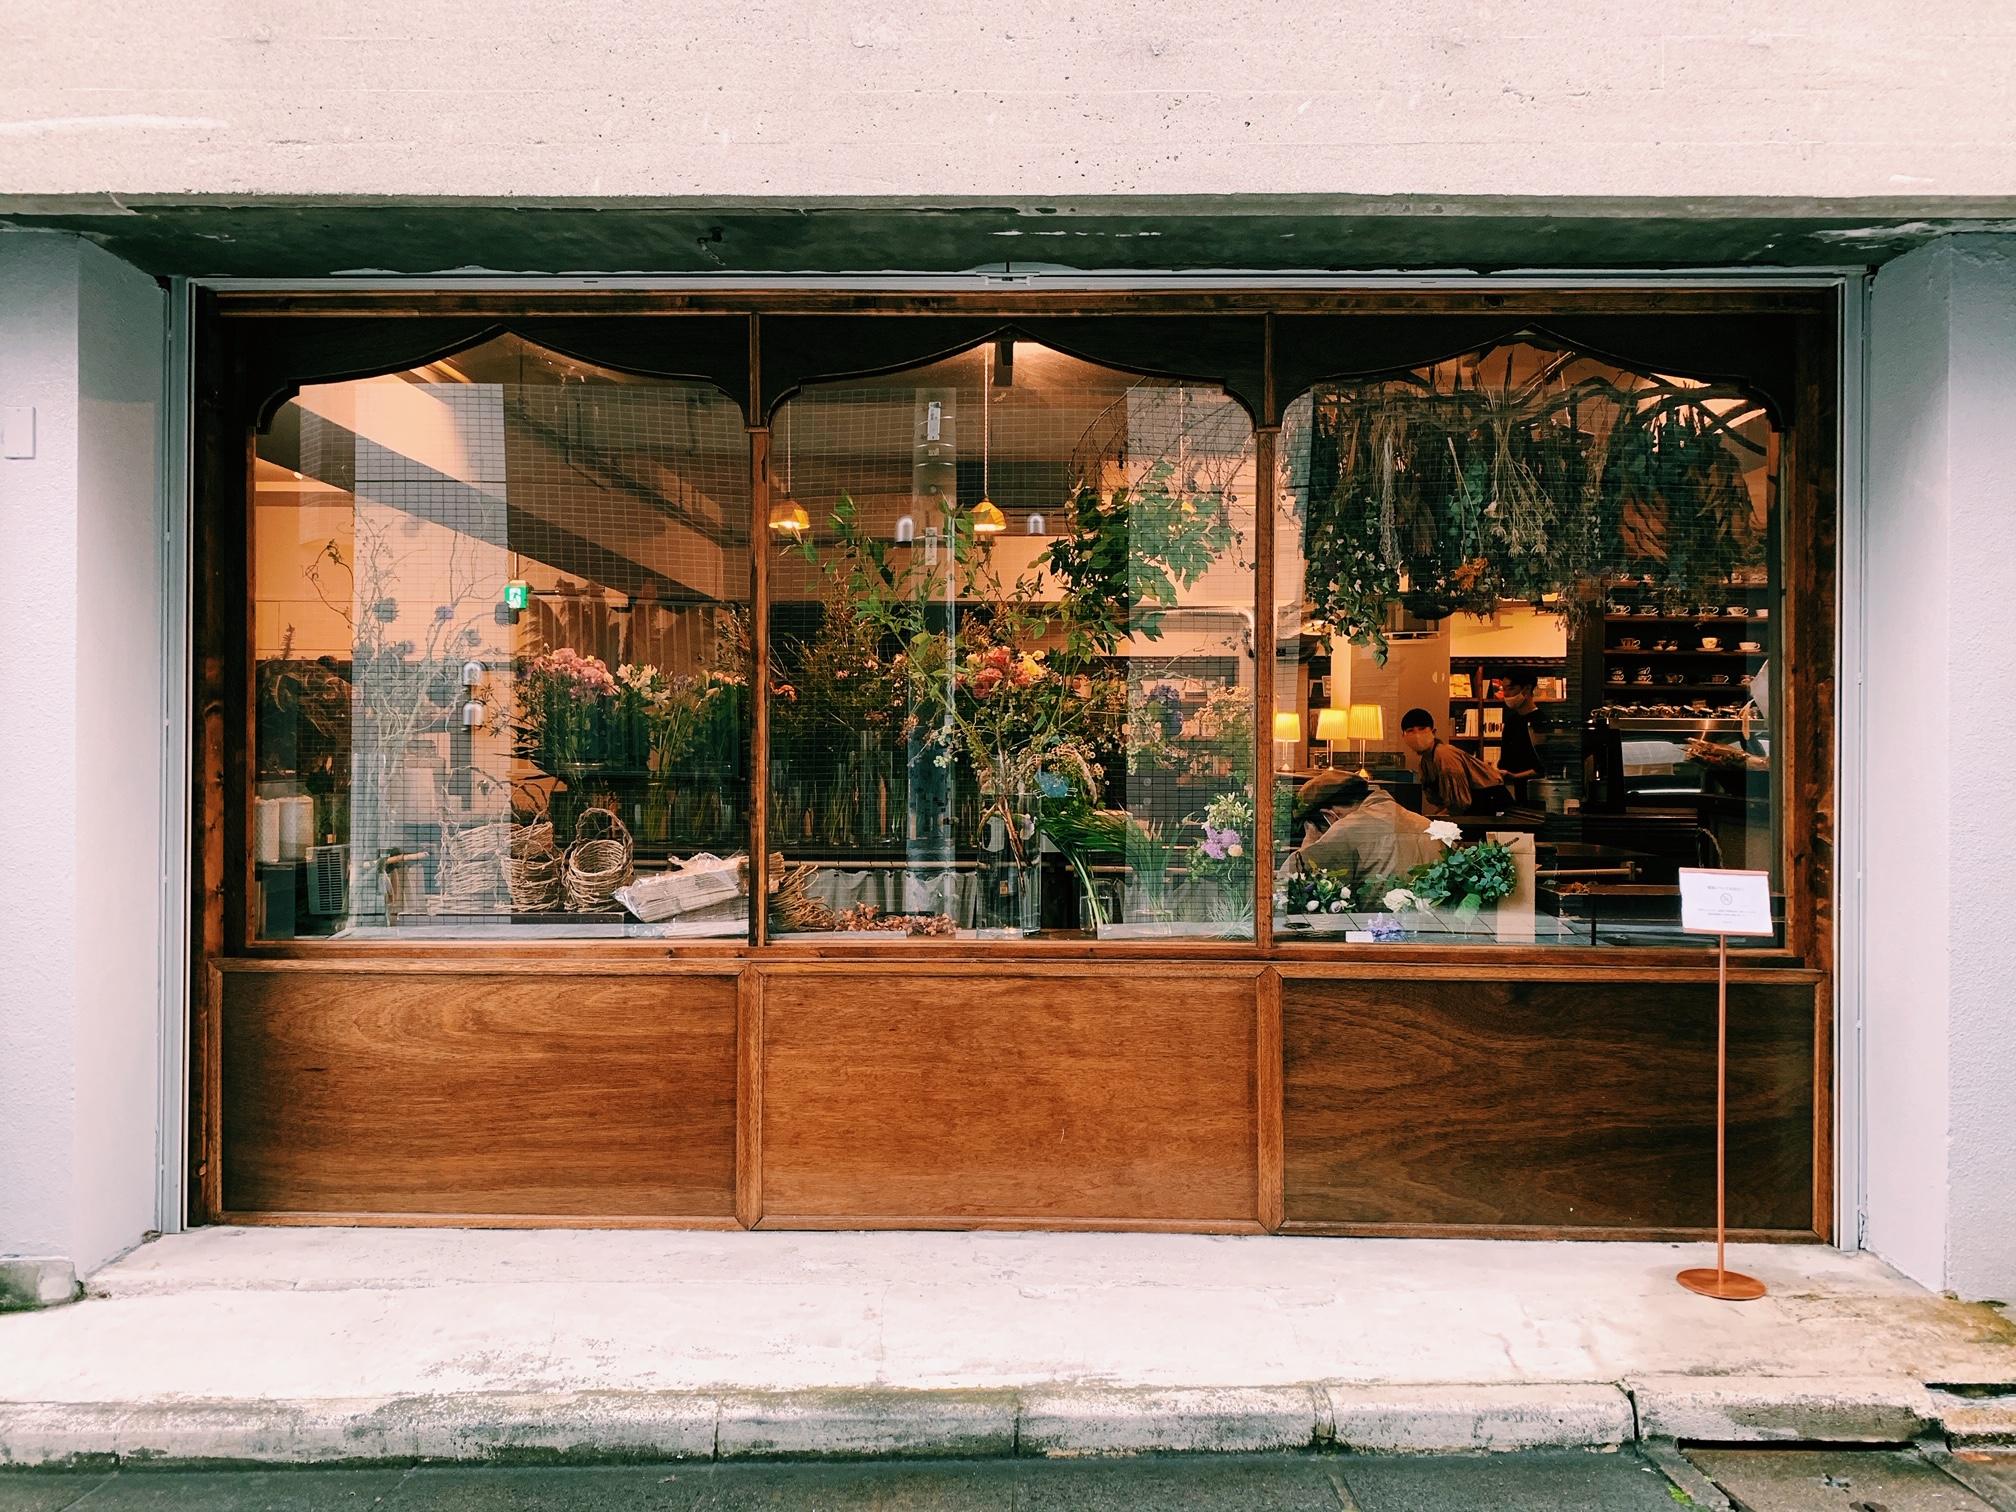 【おすすめカフェ】扉を開けると《お花×アンティーク》の素敵空間♡_1